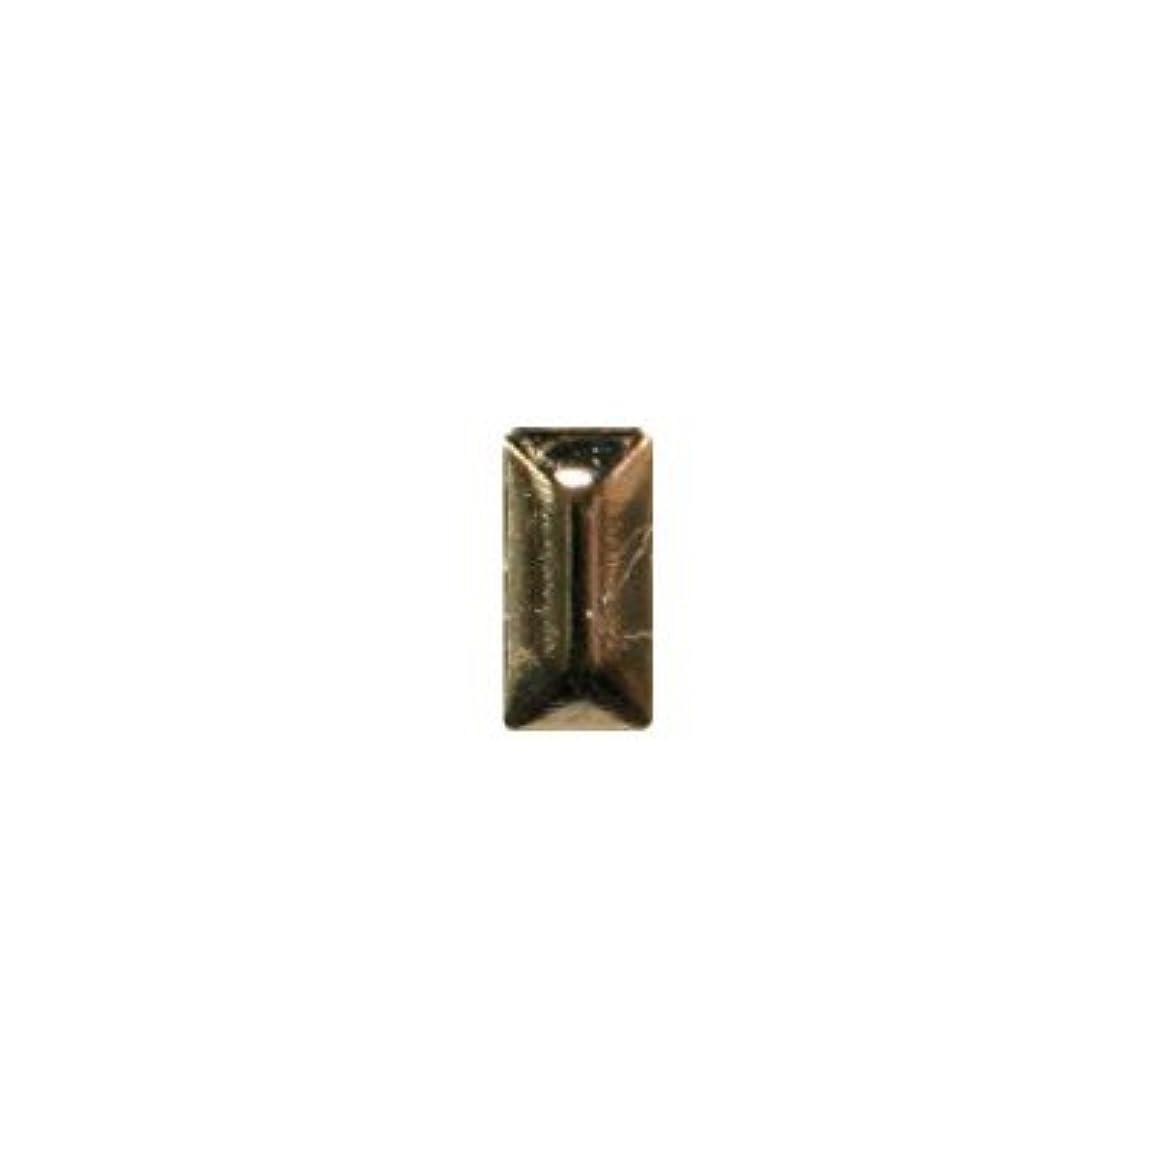 ドナー解決する勤勉なピアドラ スタッズ メタル長方形 2×4mm 50P ゴールド